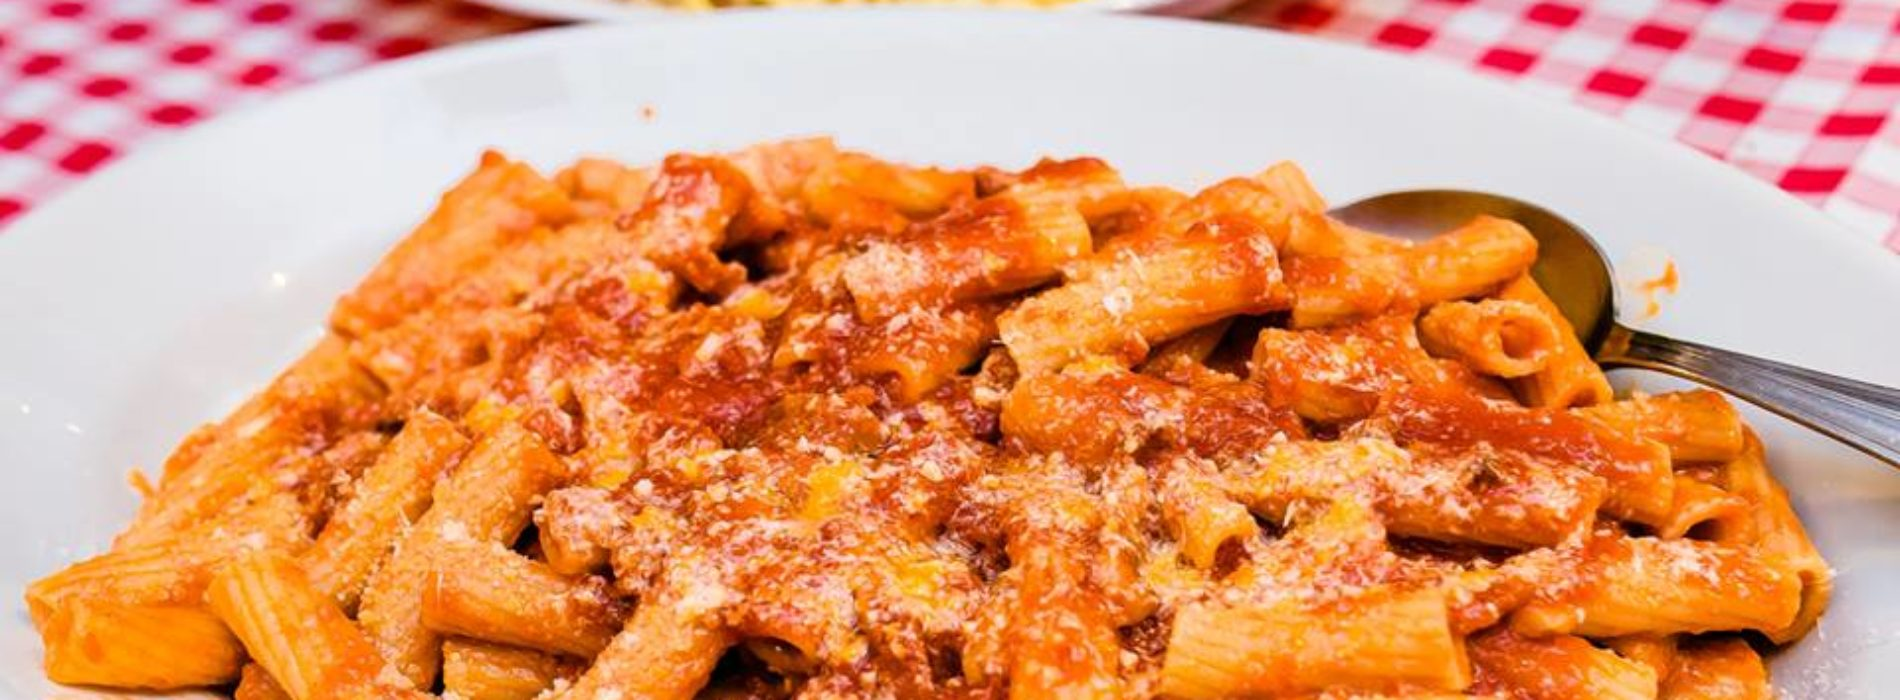 Le migliori trattorie tradizionali di Roma, dove mangiare molto e spendere poco